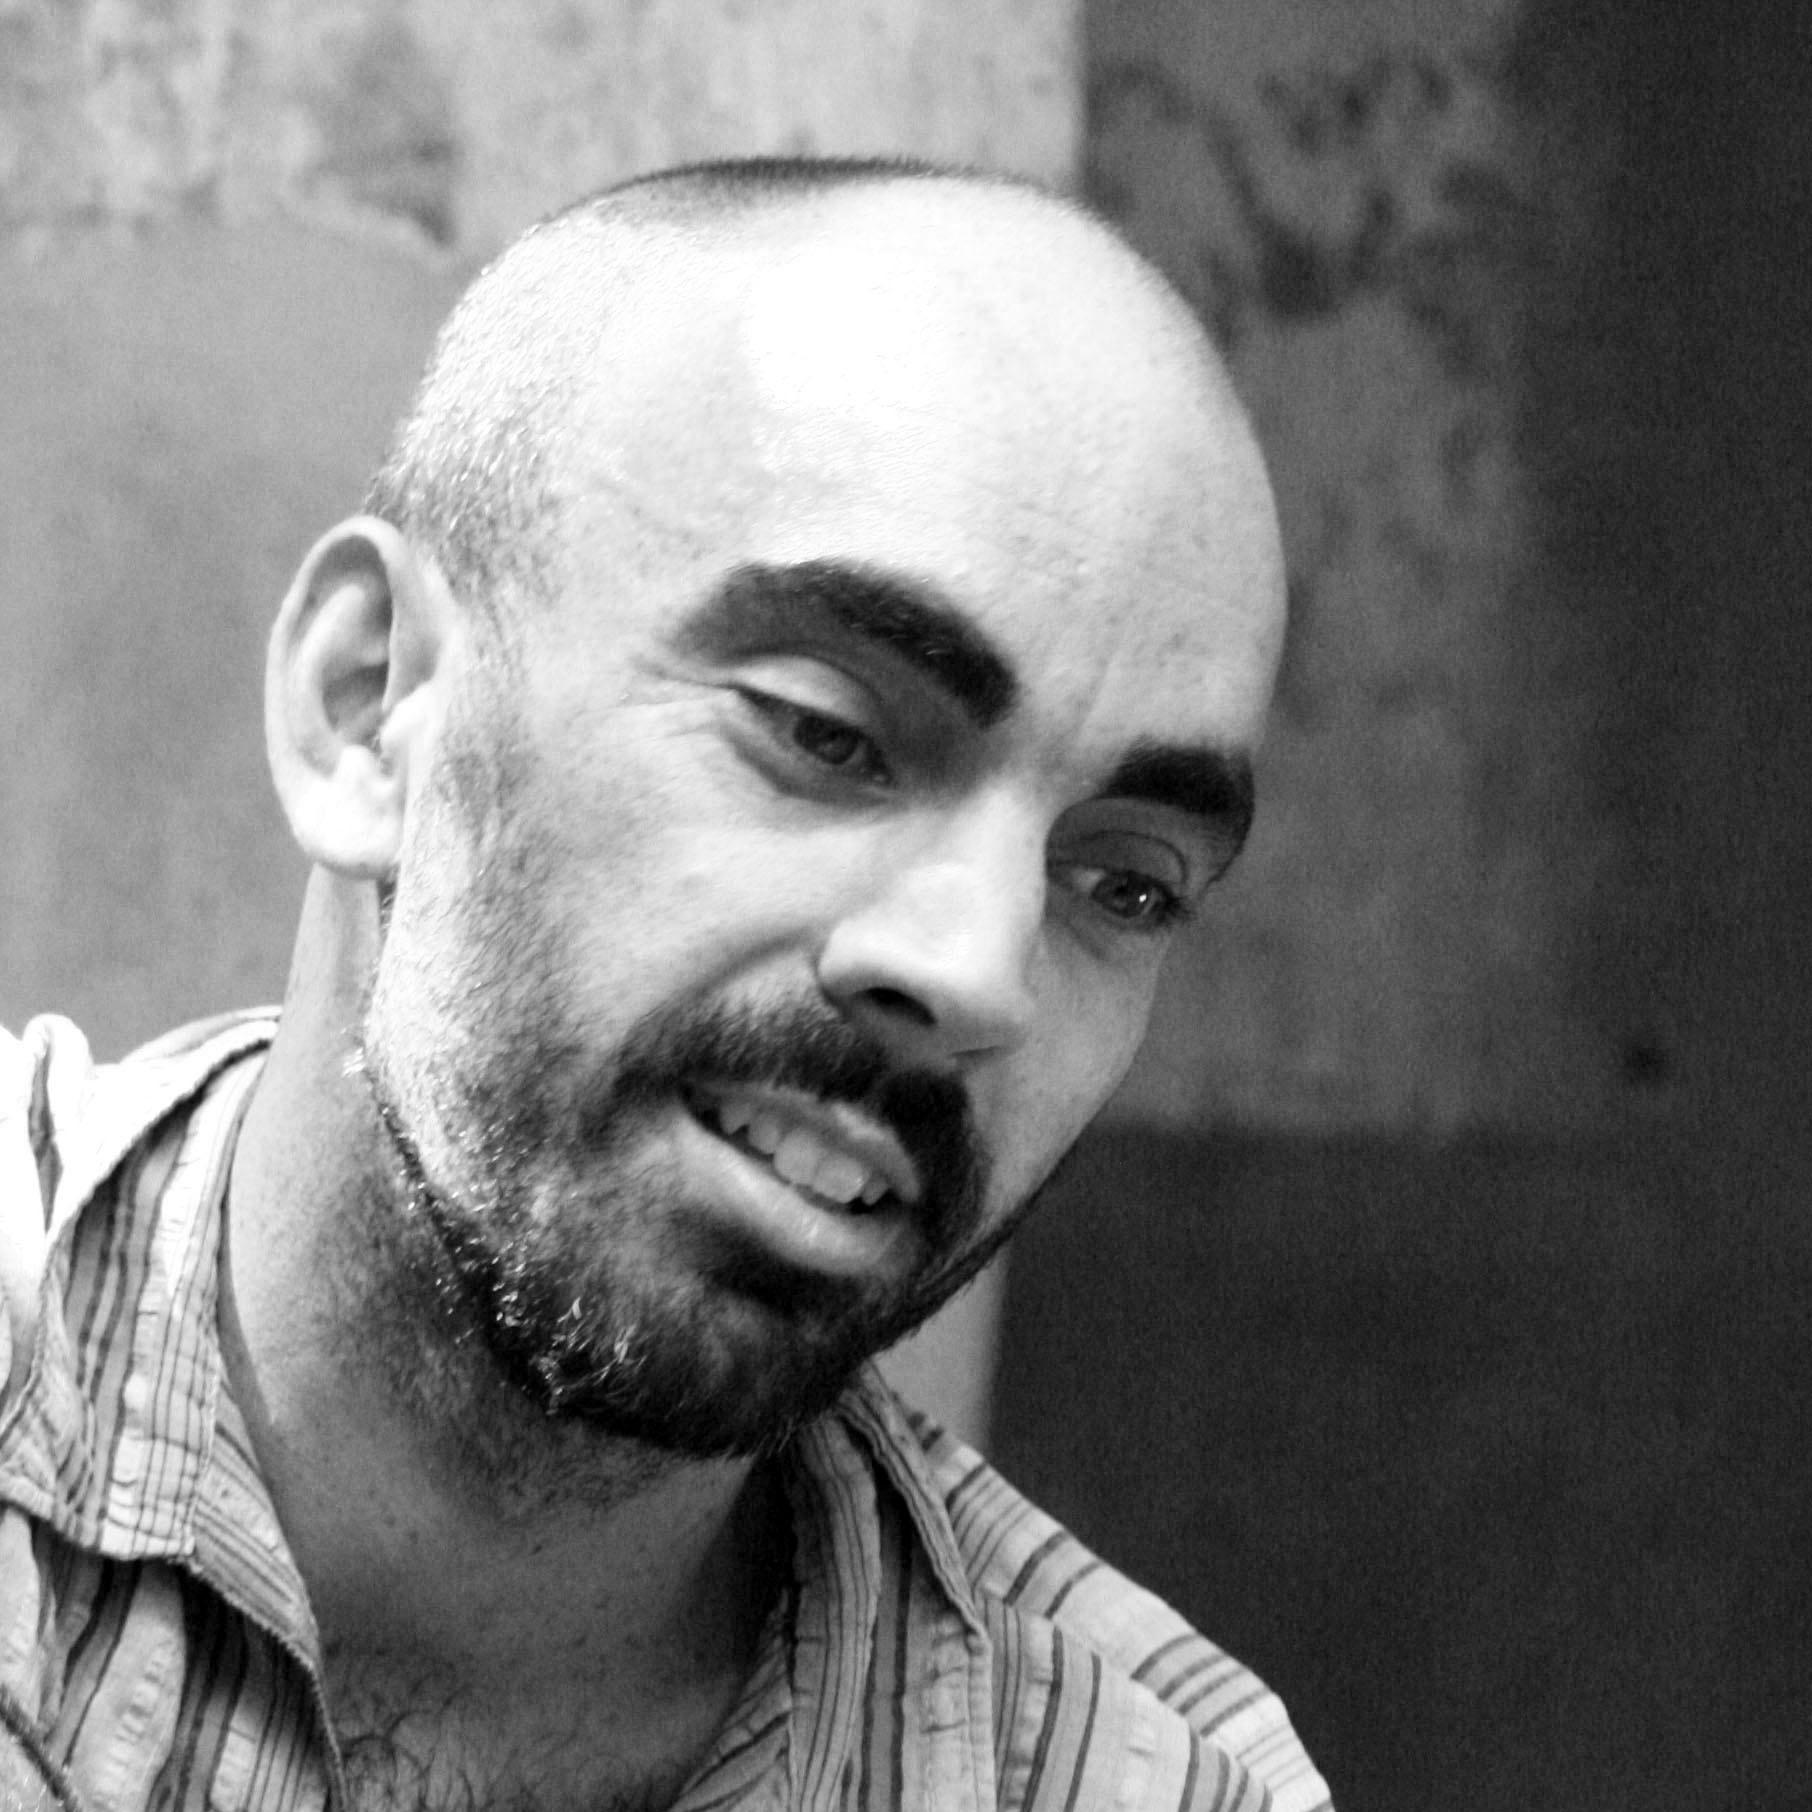 Oriol Domínguez Martínez